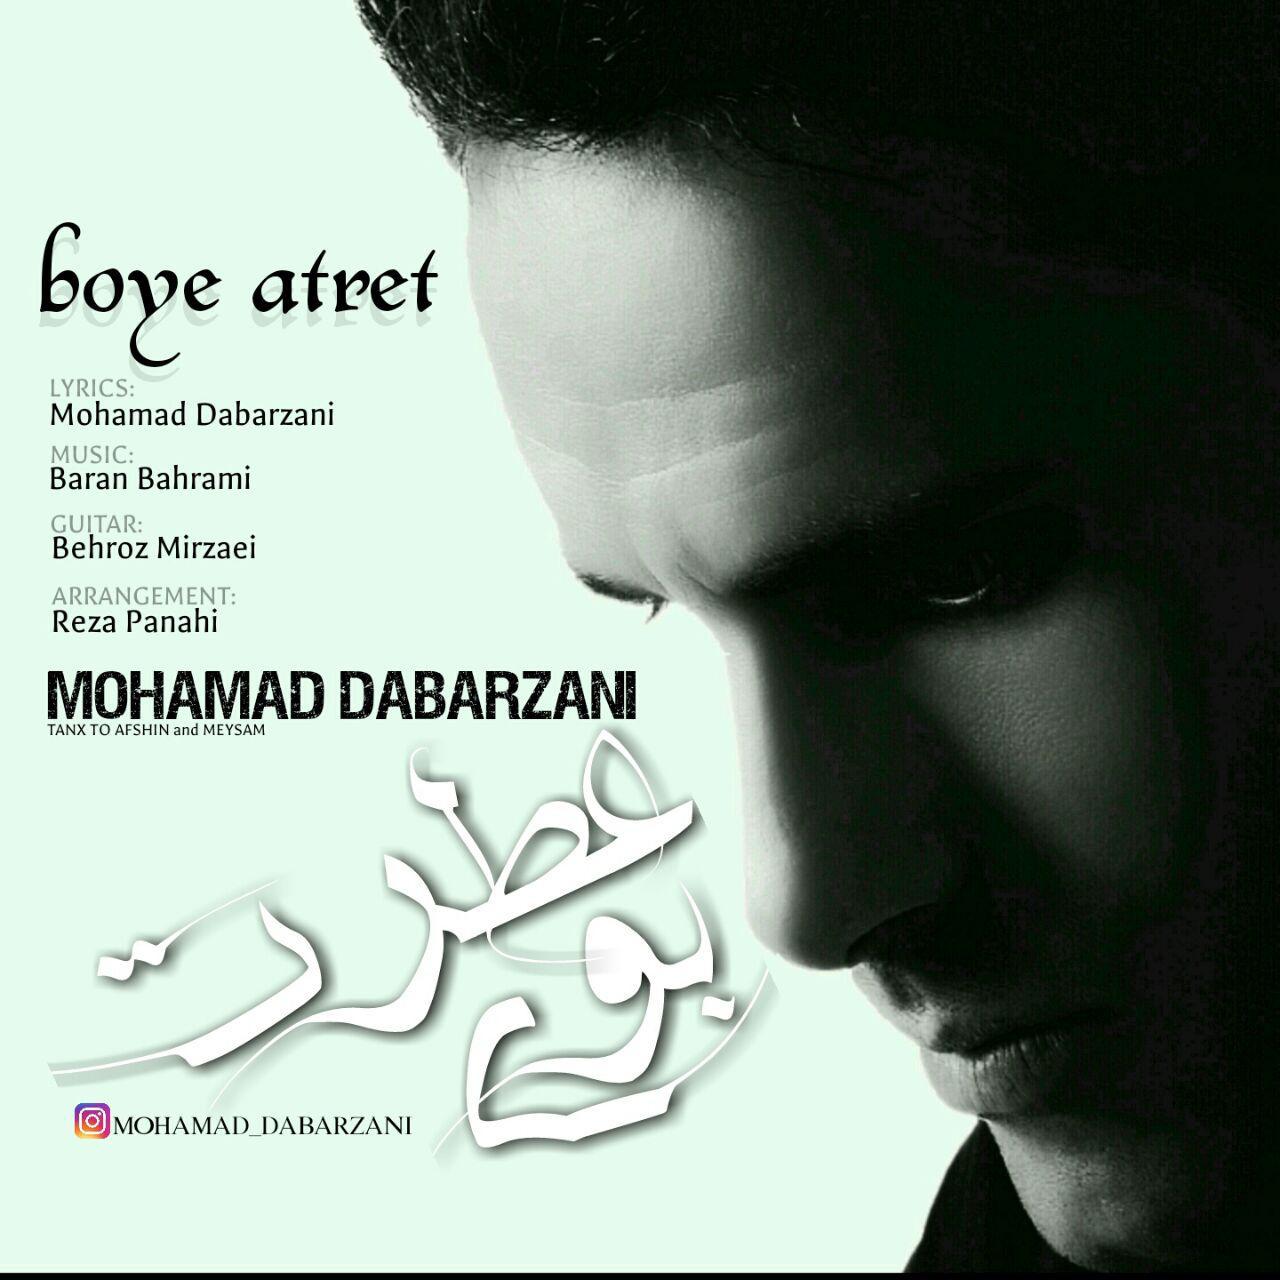 دانلود آهنگ جدید محمد دبرزنی به نام بوی عطرت